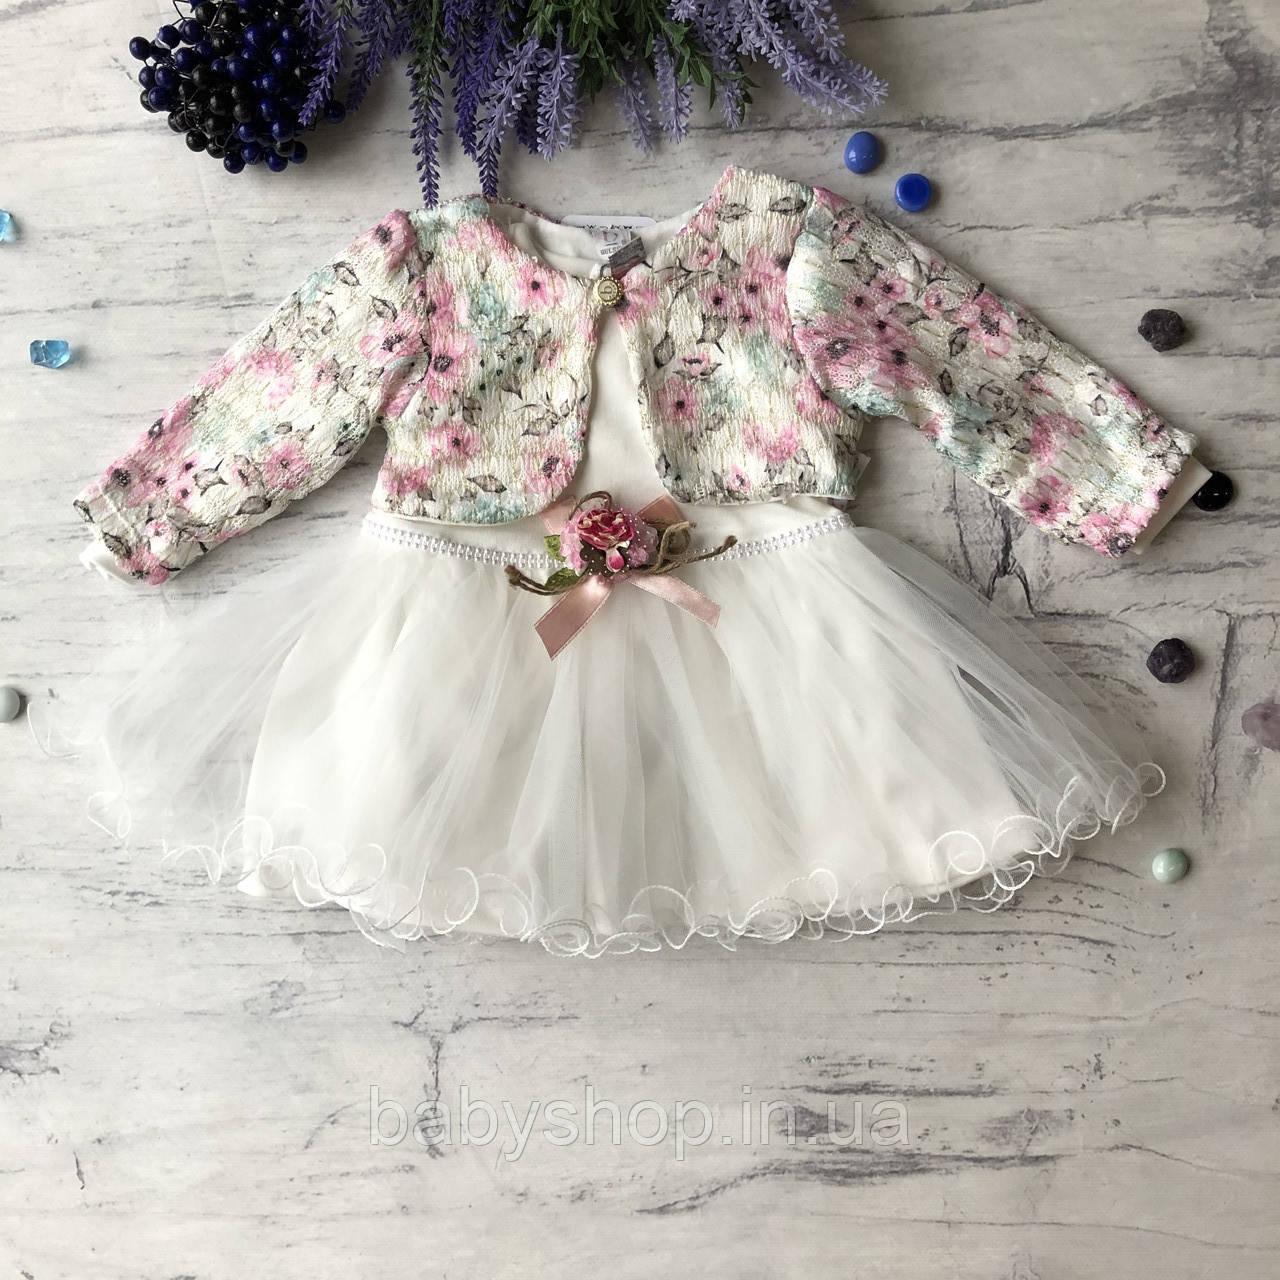 Нарядное платье на девочку 268. Размер 74 см, 80 см, 86 см